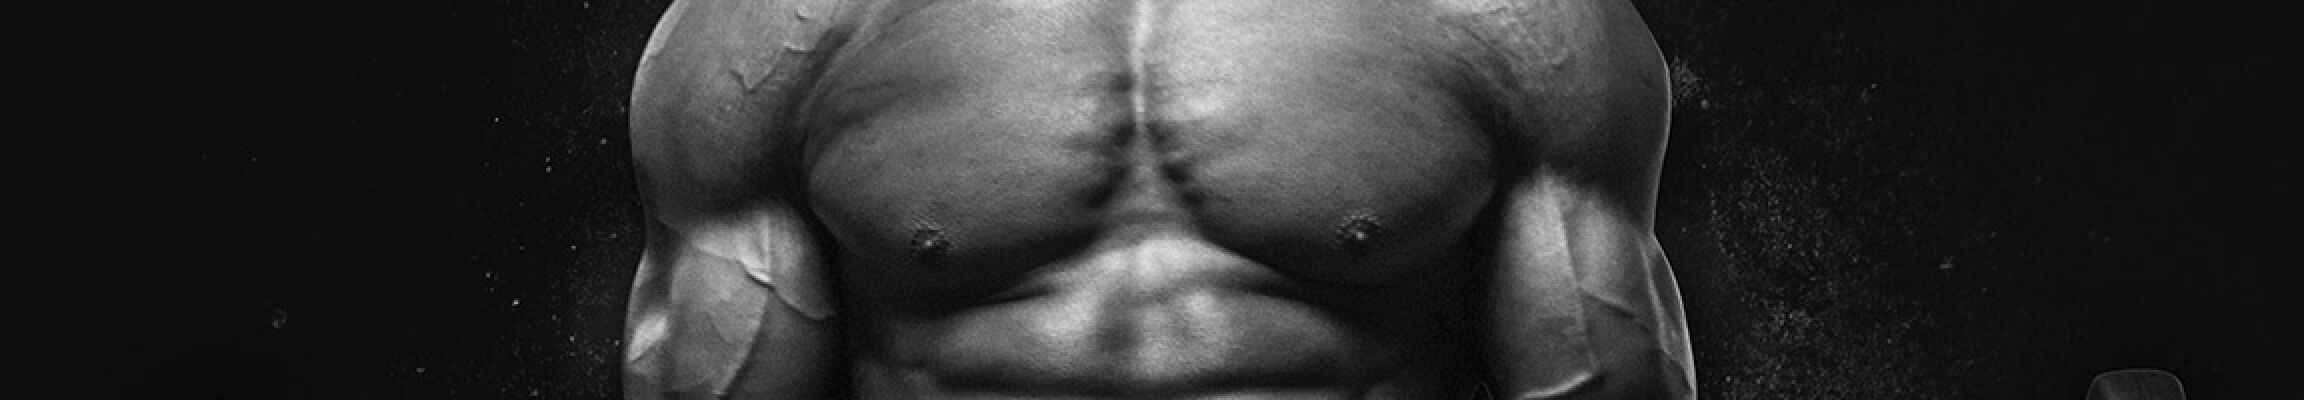 Fazit: Gleichzeitiger Muskelaufbau und Fettabbau ist möglich